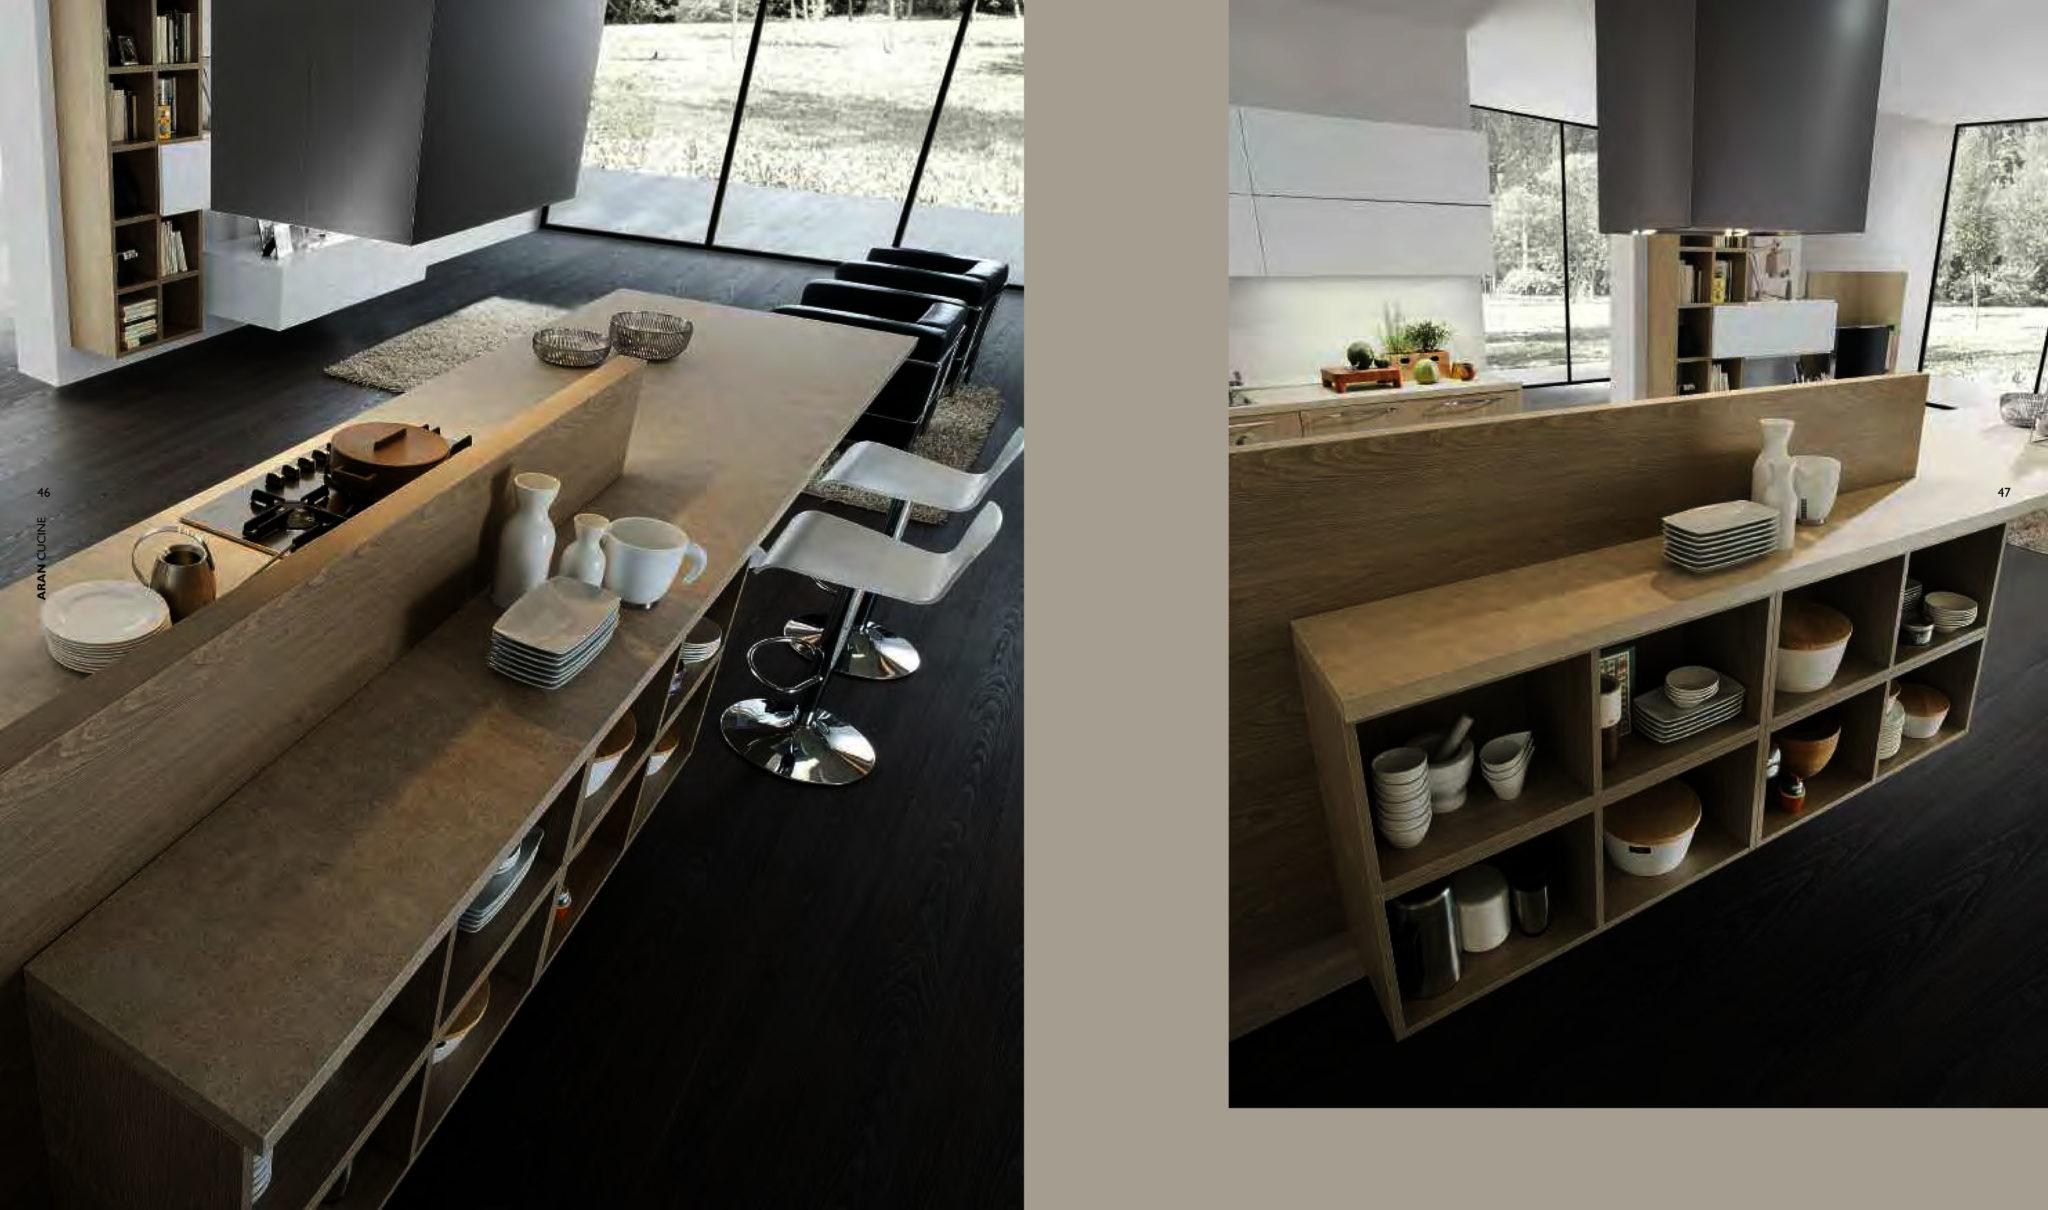 La cucina ad isola lineatre arredamenti alberobello - Lunghezza cucina ...